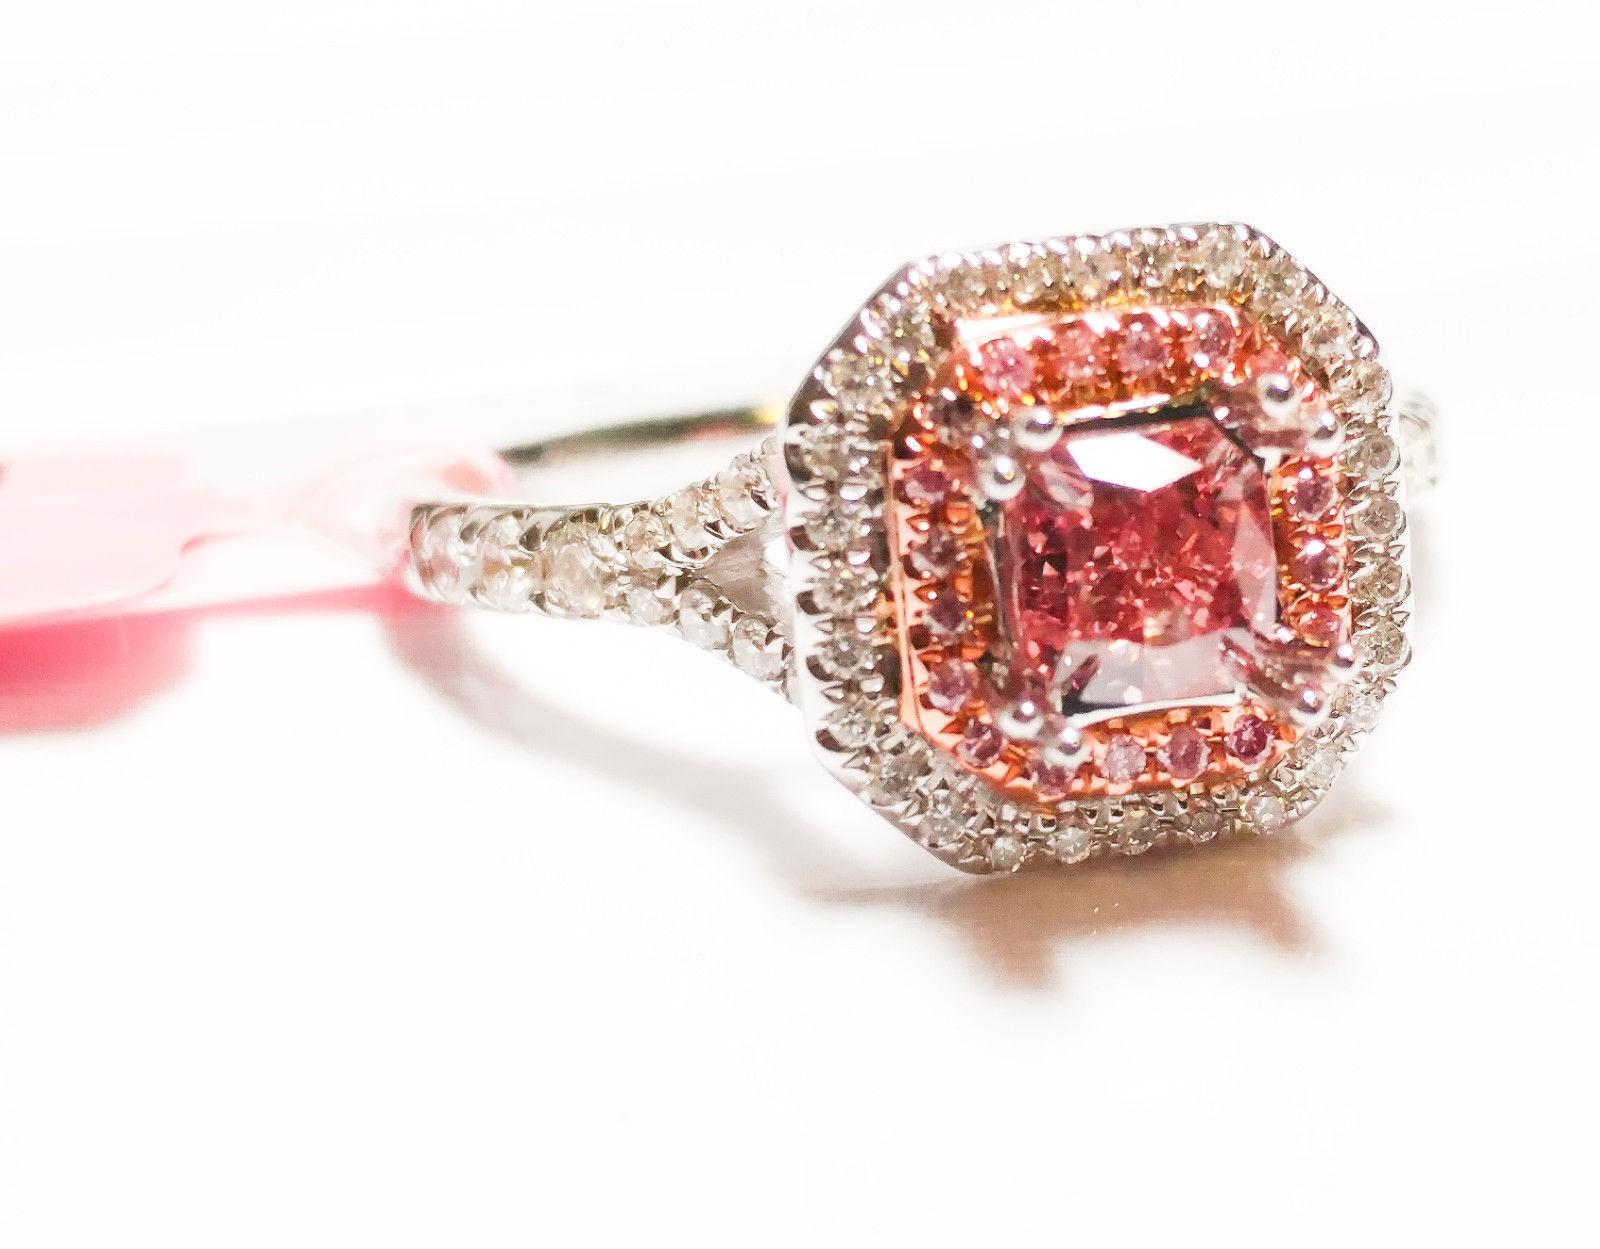 Lummy Intense Vivid Pink Diamond Engagement Ring Gia G Intense Vivid Pink Diamond Engagement Ring Pink Diamond Ring Pink Diamond Rings San Antonio wedding rings Pink Diamond Ring